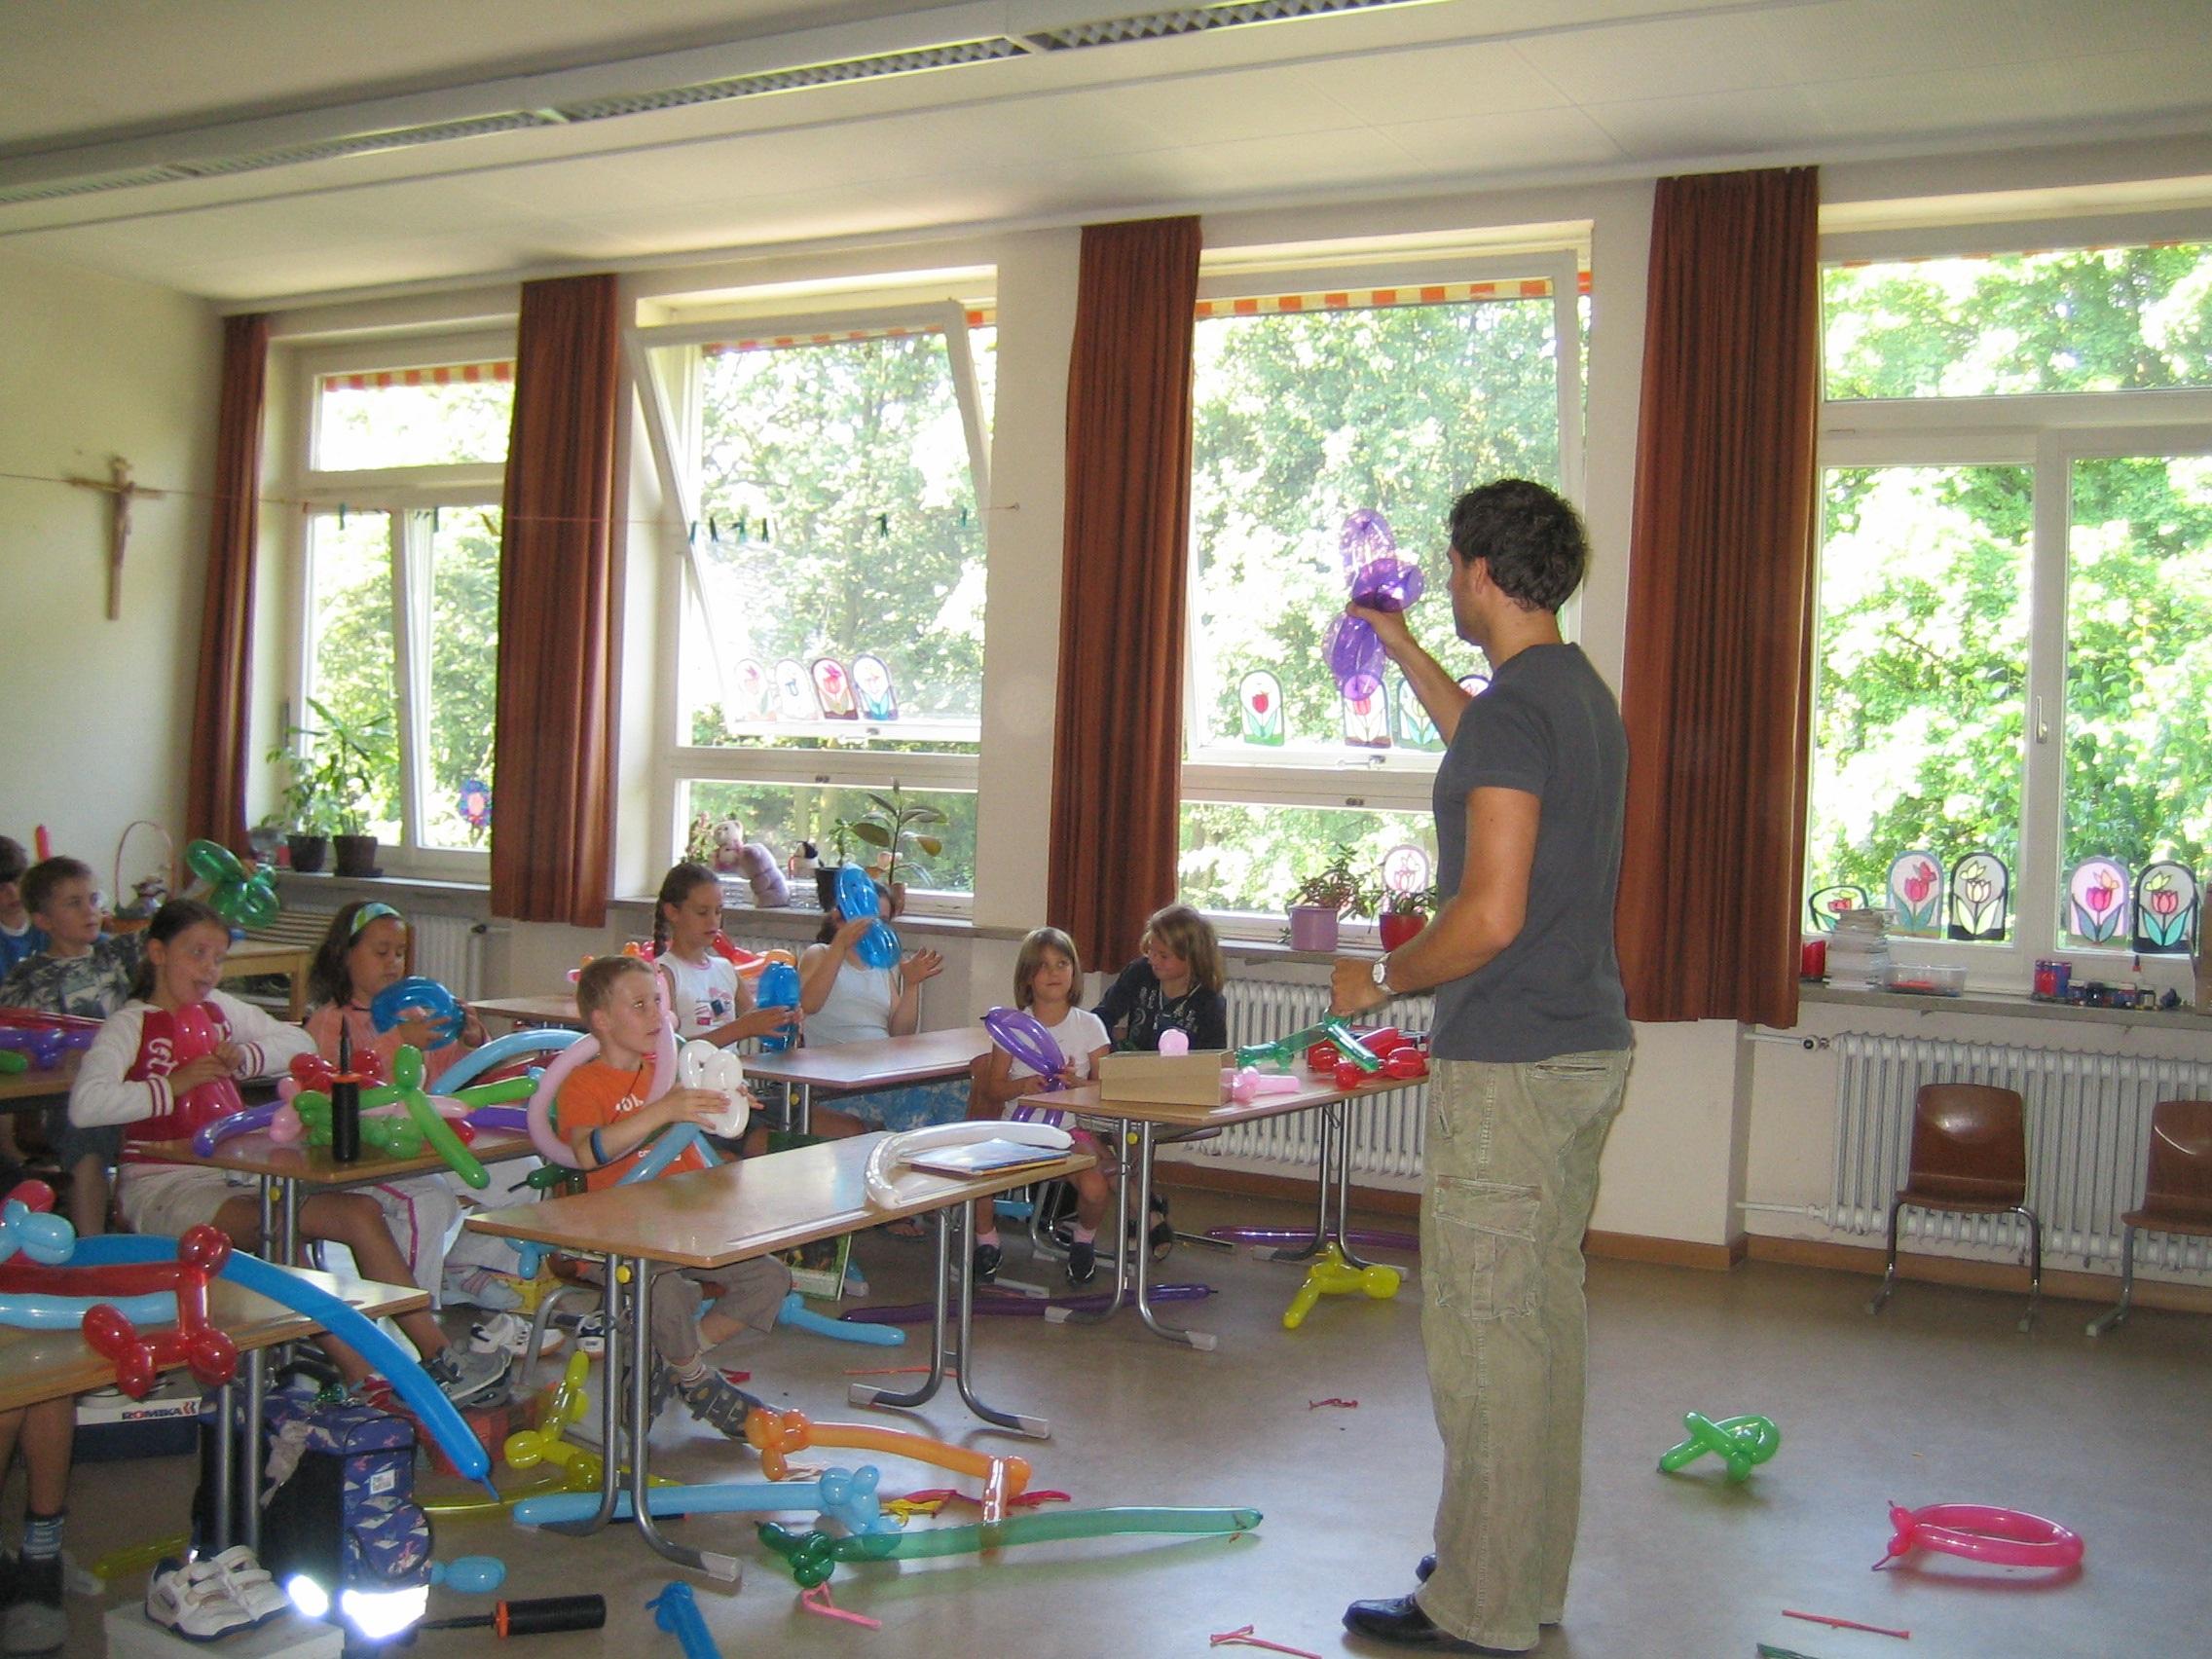 Gambar Rumah Latihan Kamar Pendidikan Kelas Siswa Taman